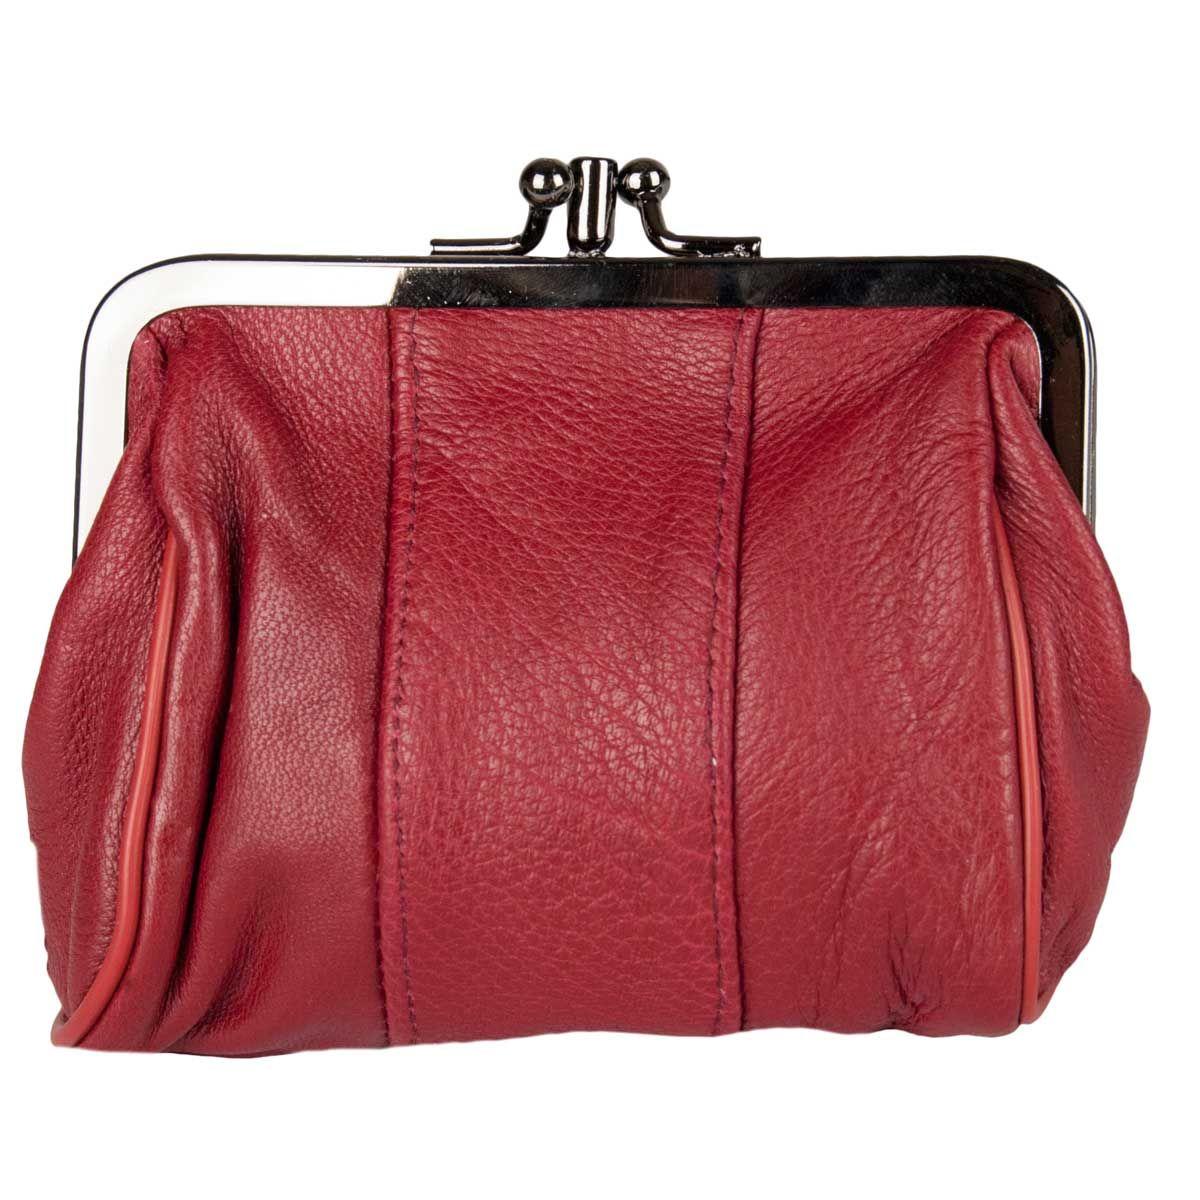 Montevita Leather Purse in Bordo